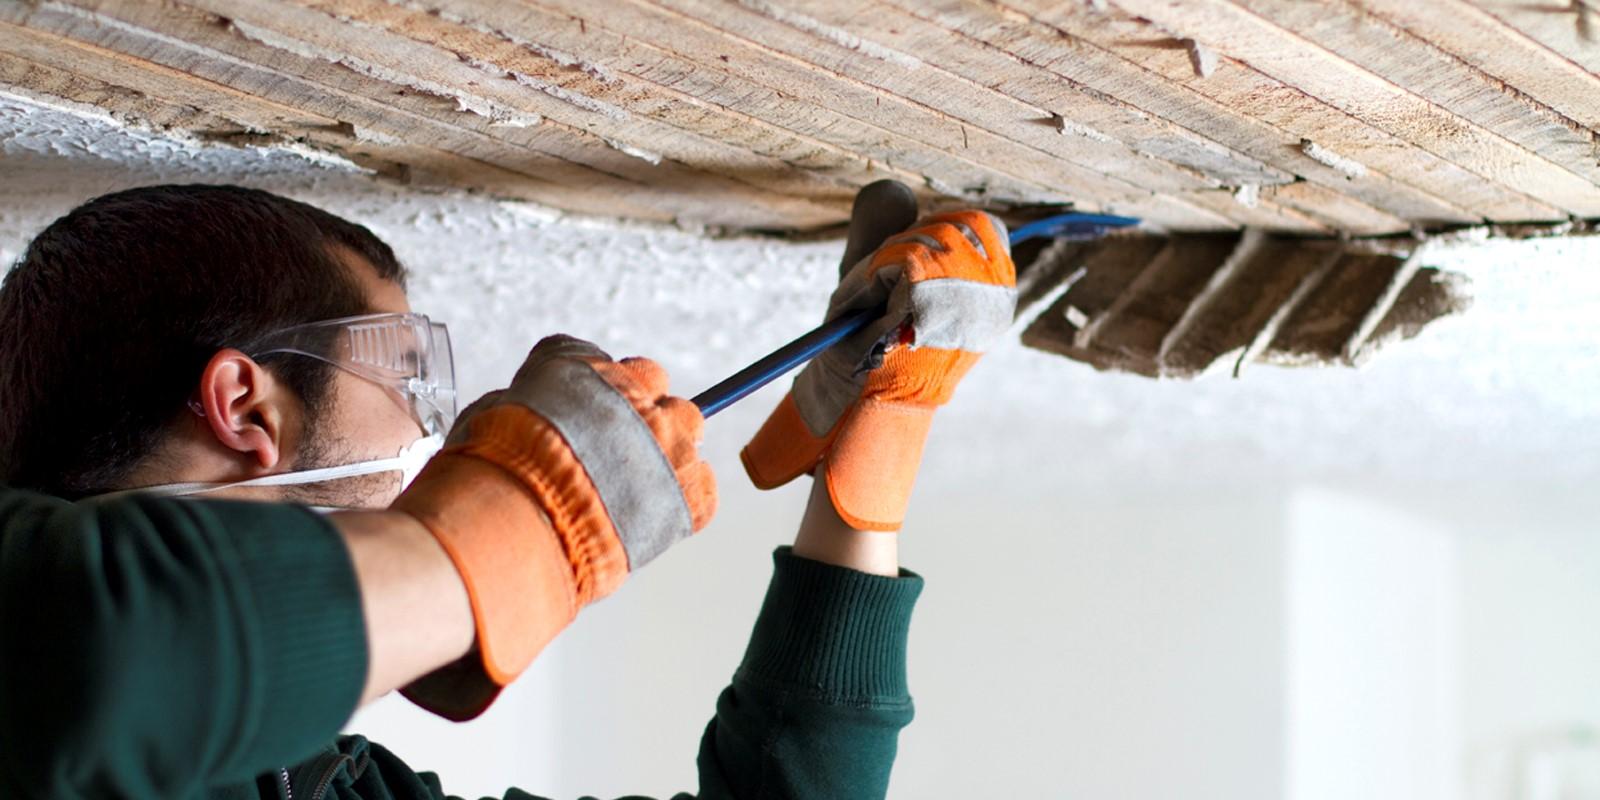 Drywall Repair Drywall Repair After Wallpaper Removal 1600x800